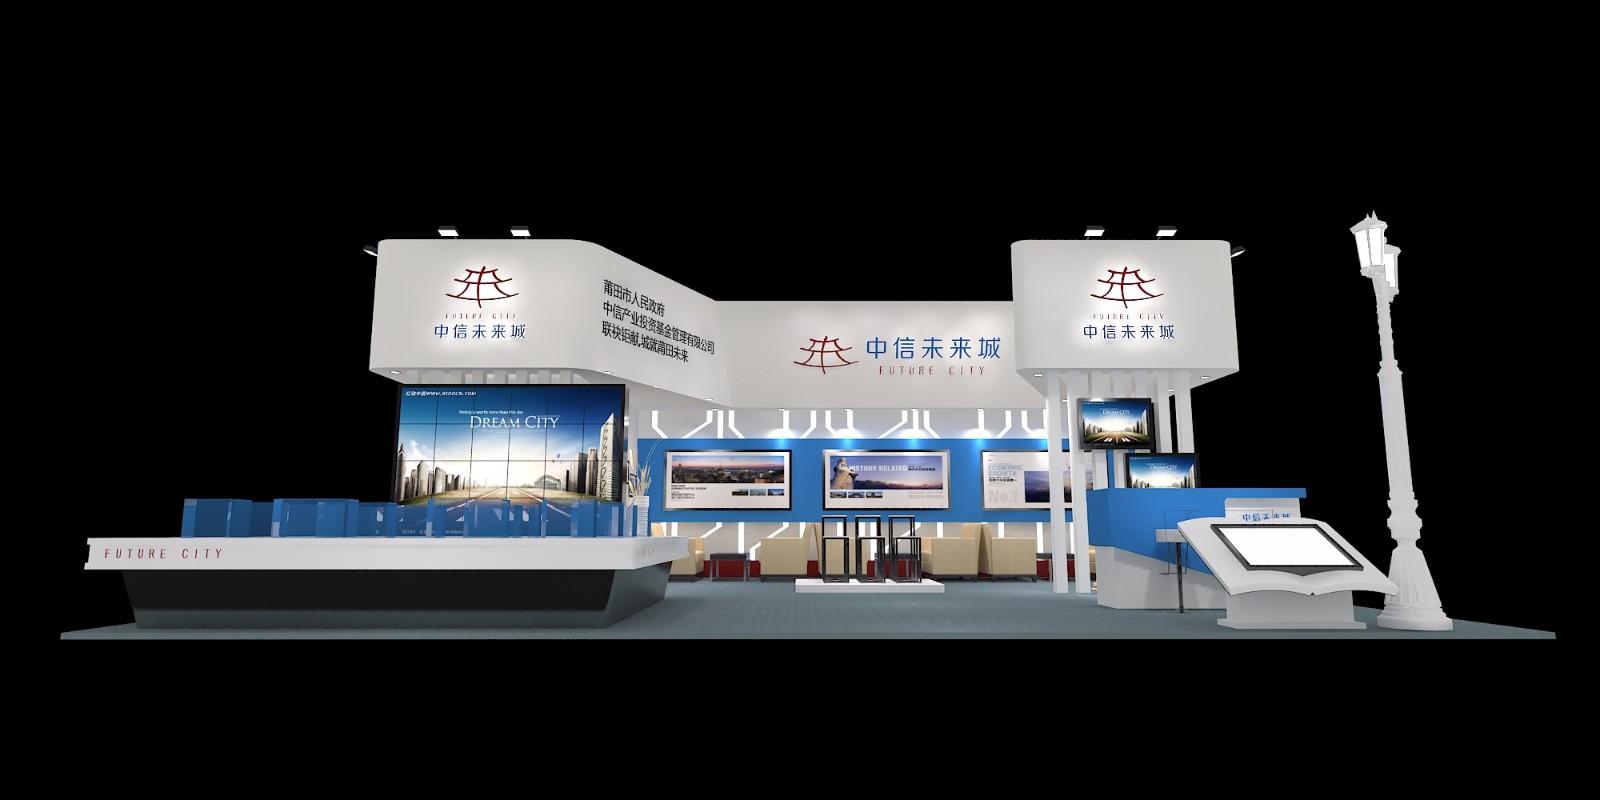 中信未来城 展览特装-厦门市嘉维世纪会展服务有限公司